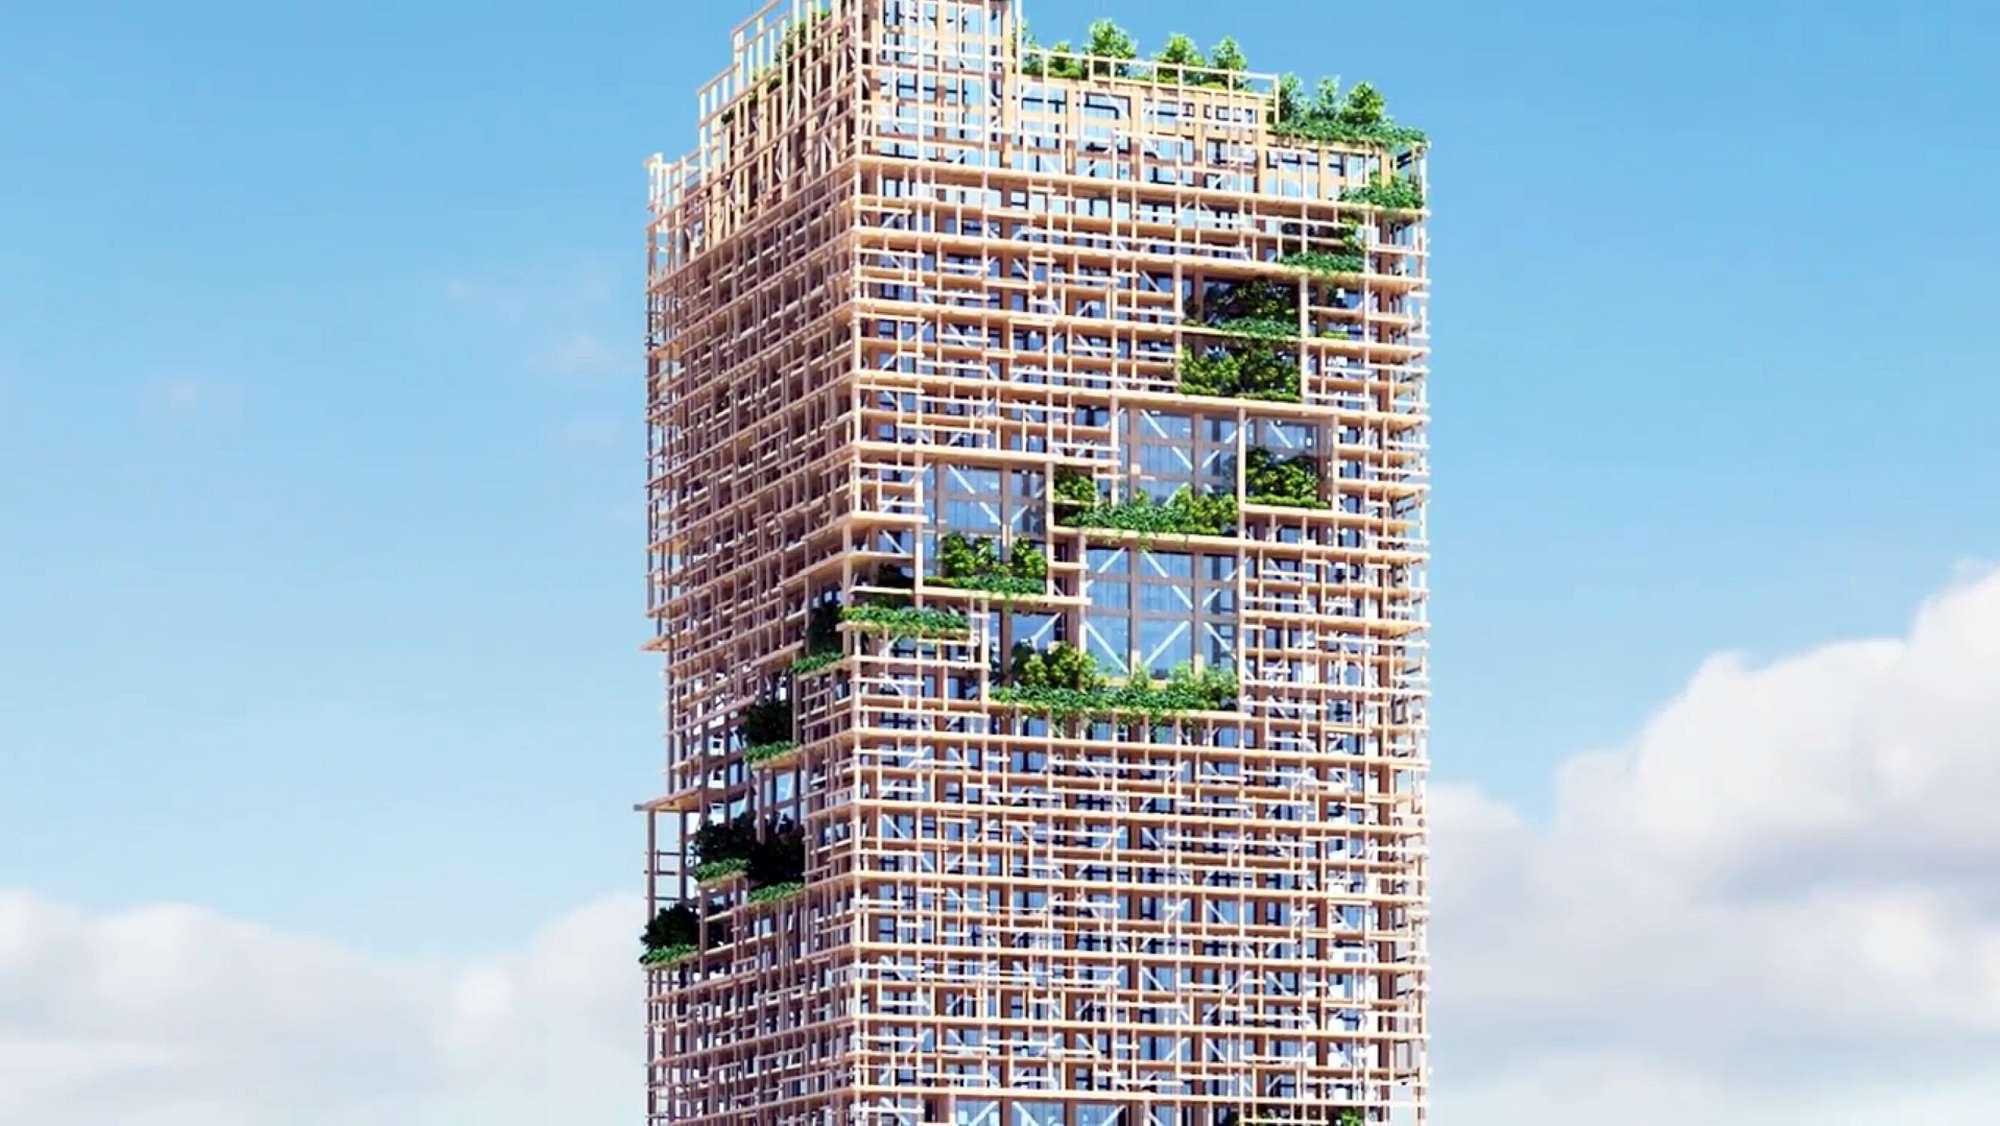 A tokyo il grattacielo green pi alto del mondo in for Grattacielo piu alto del mondo